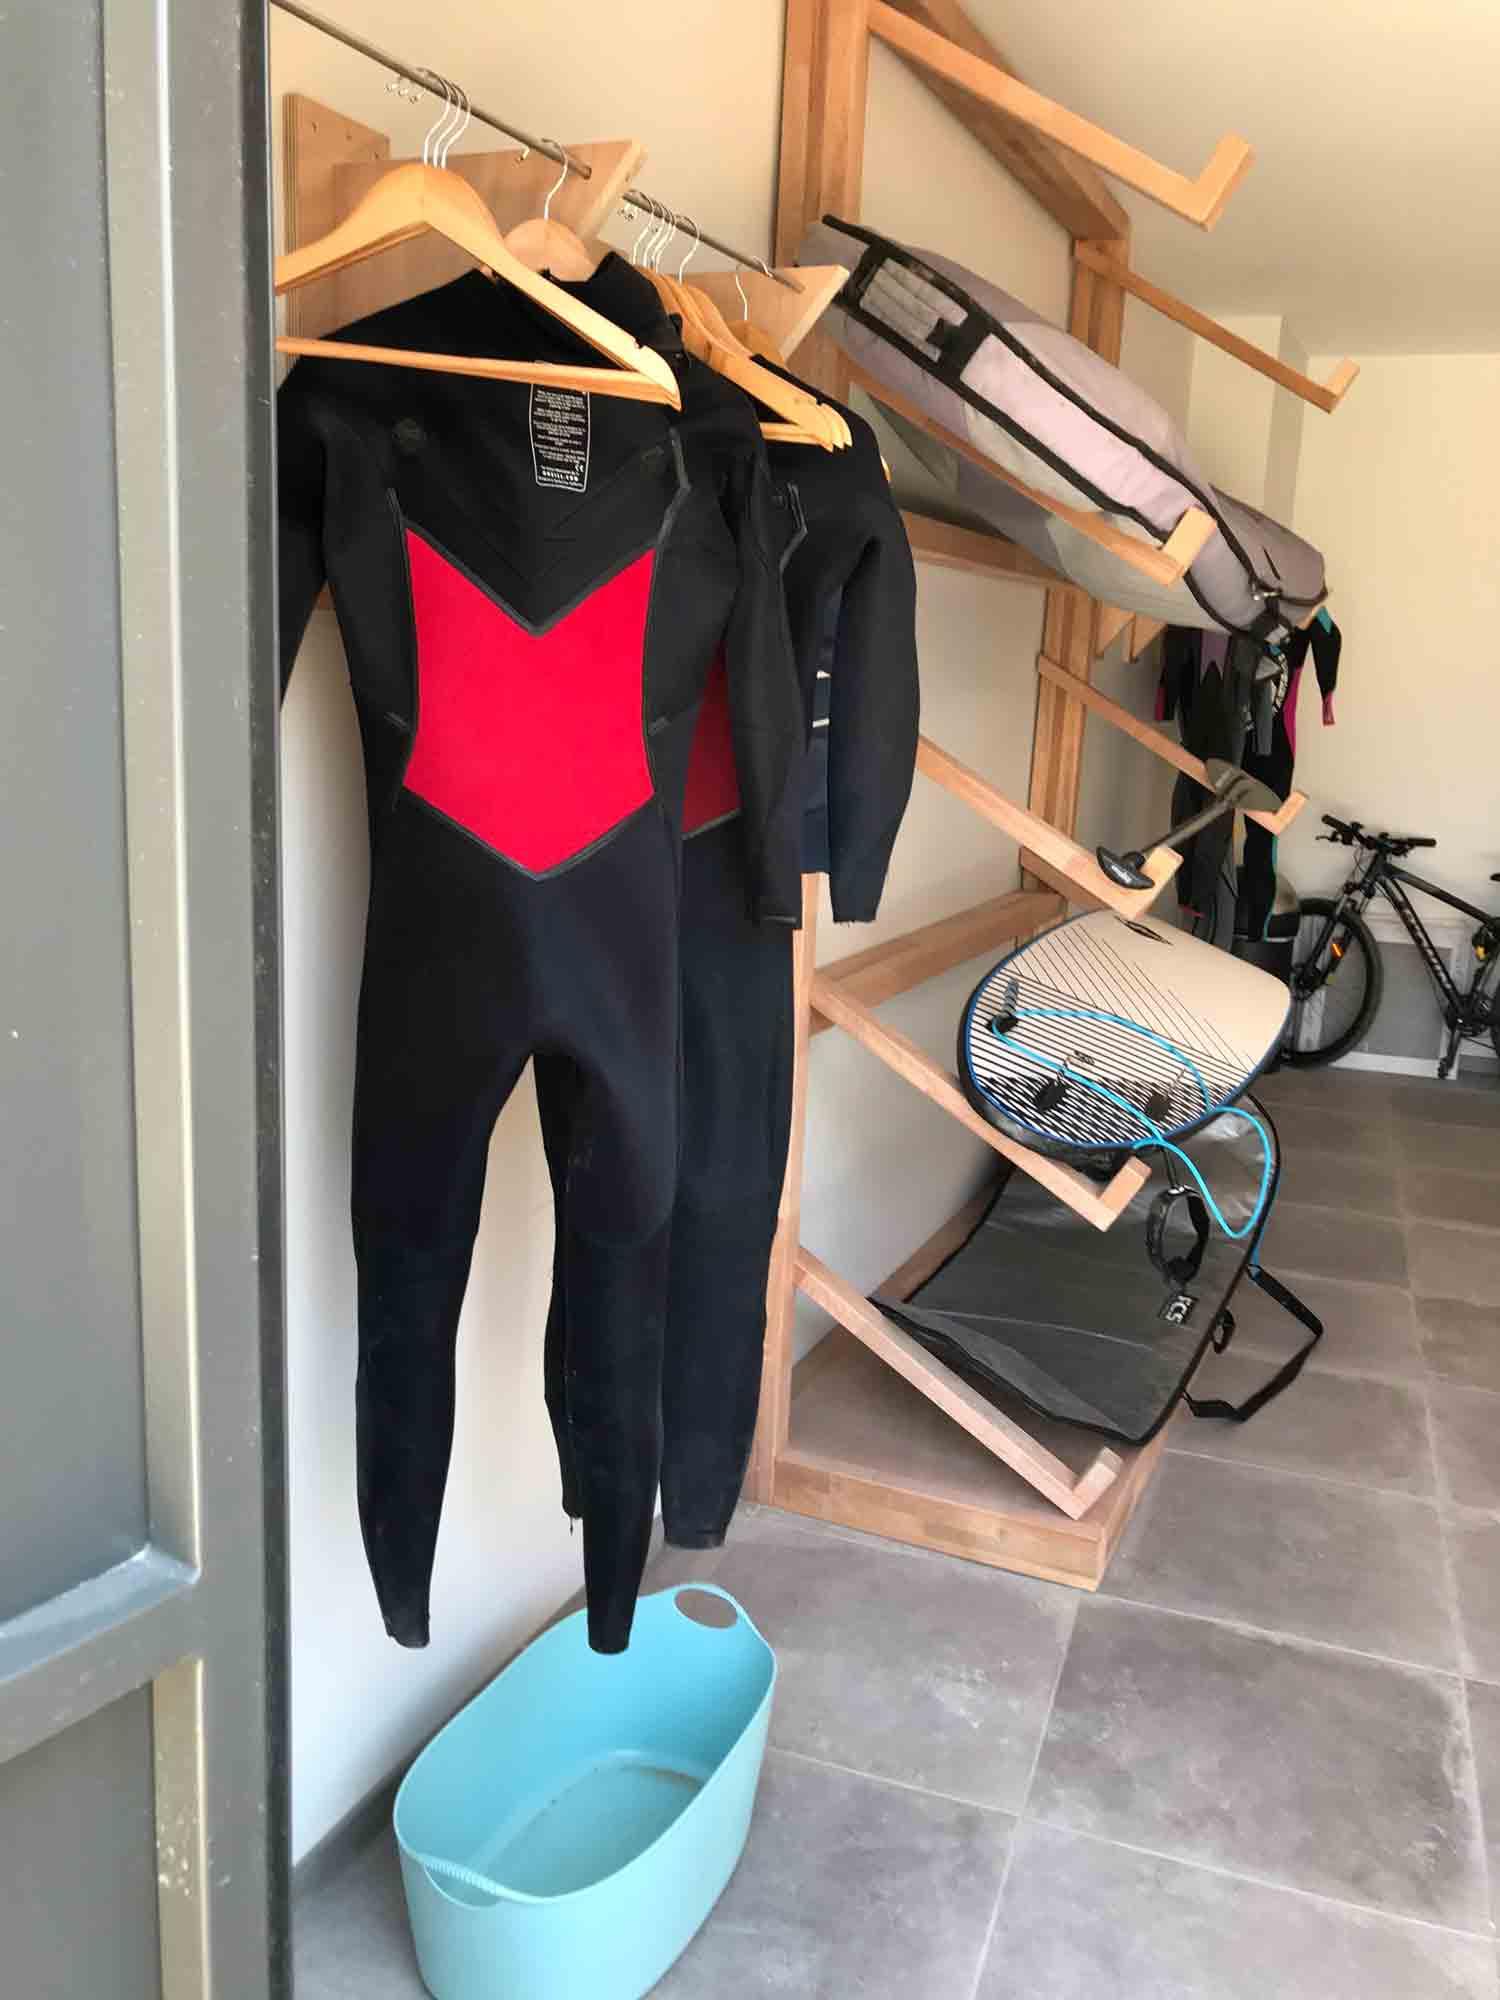 Garage avec rangements surfs, vélos, combinaisons de notre locaiton de Plouharnel.